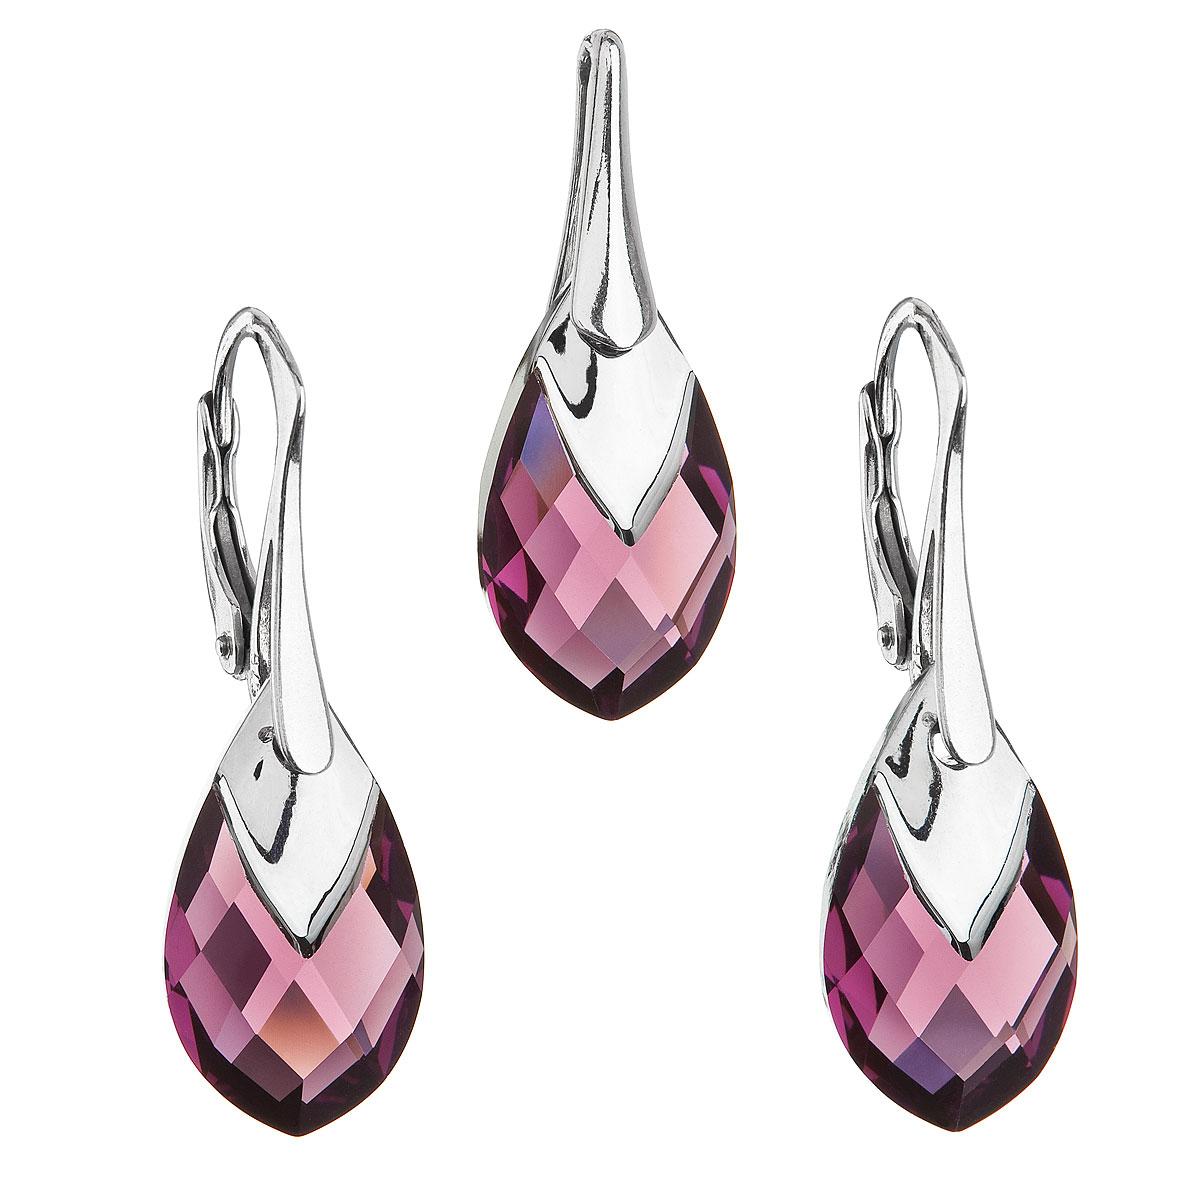 Evolution Group Sada šperků s krystaly Swarovski náušnice a přívěsek fialová slza 39169.4 amethyst